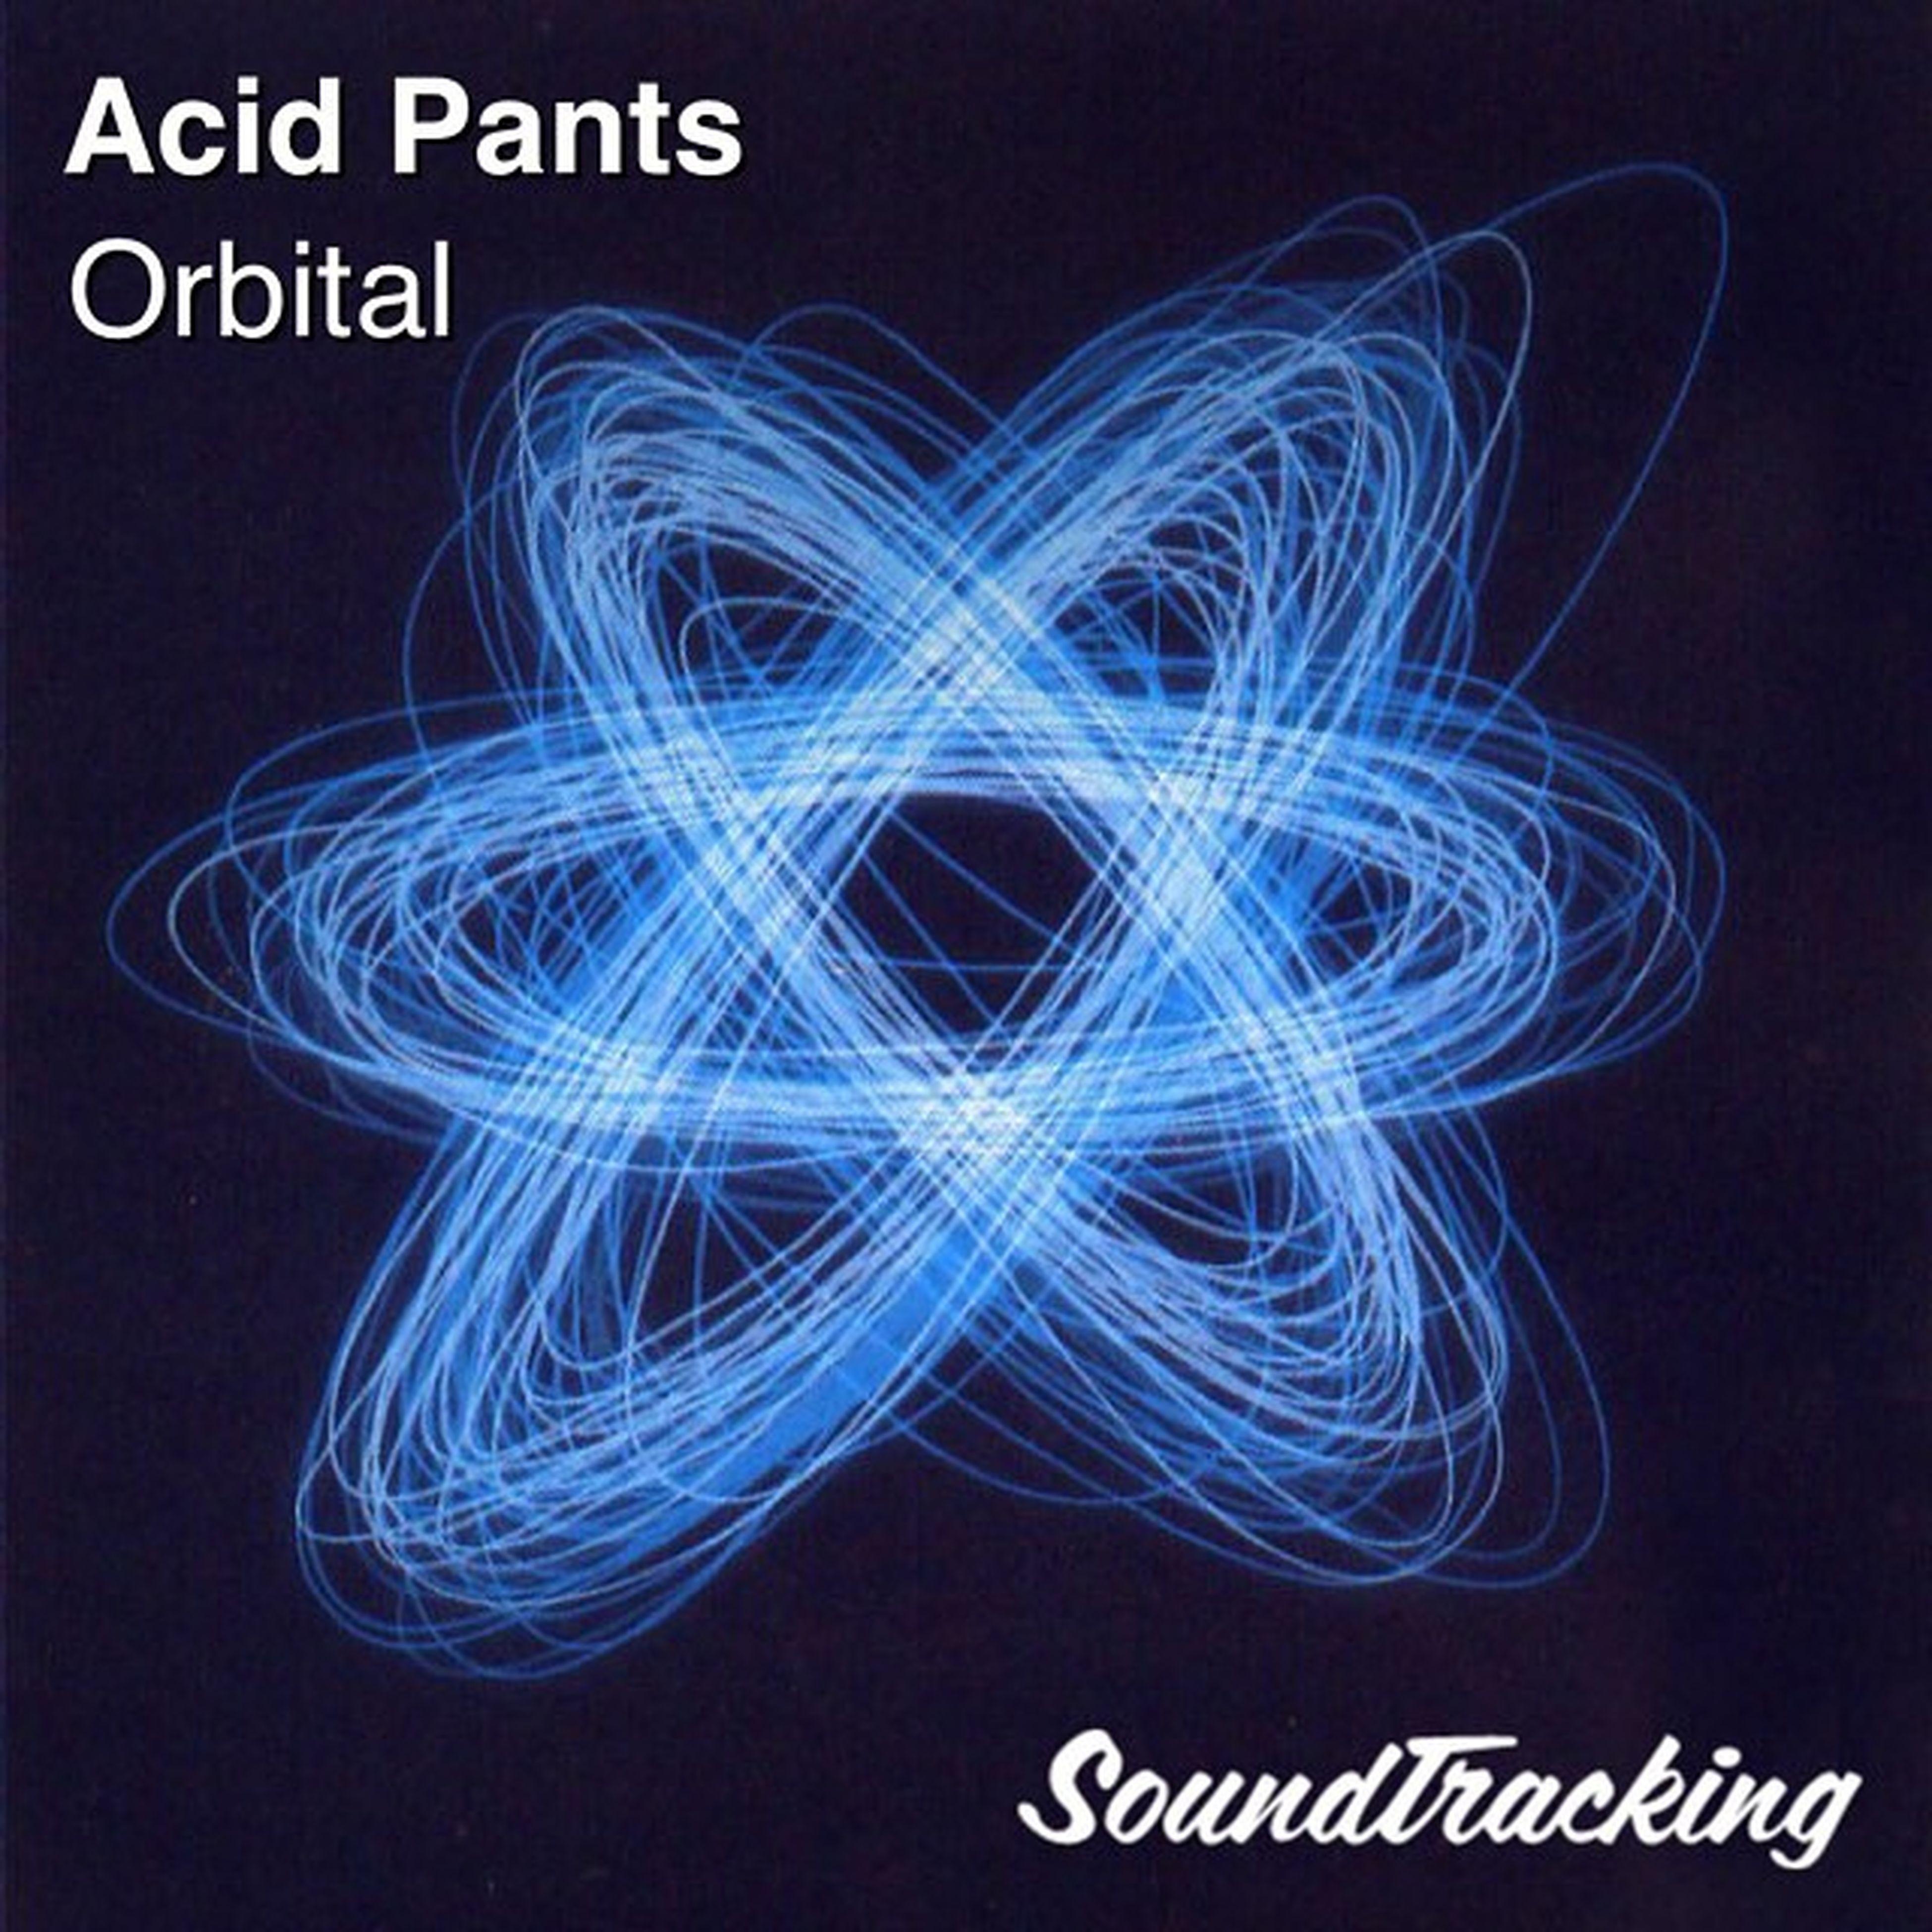 「アシッドパンツ」めっちゃ好きだわ♪ Nowplaying Orbital AcidPants Soundtracking